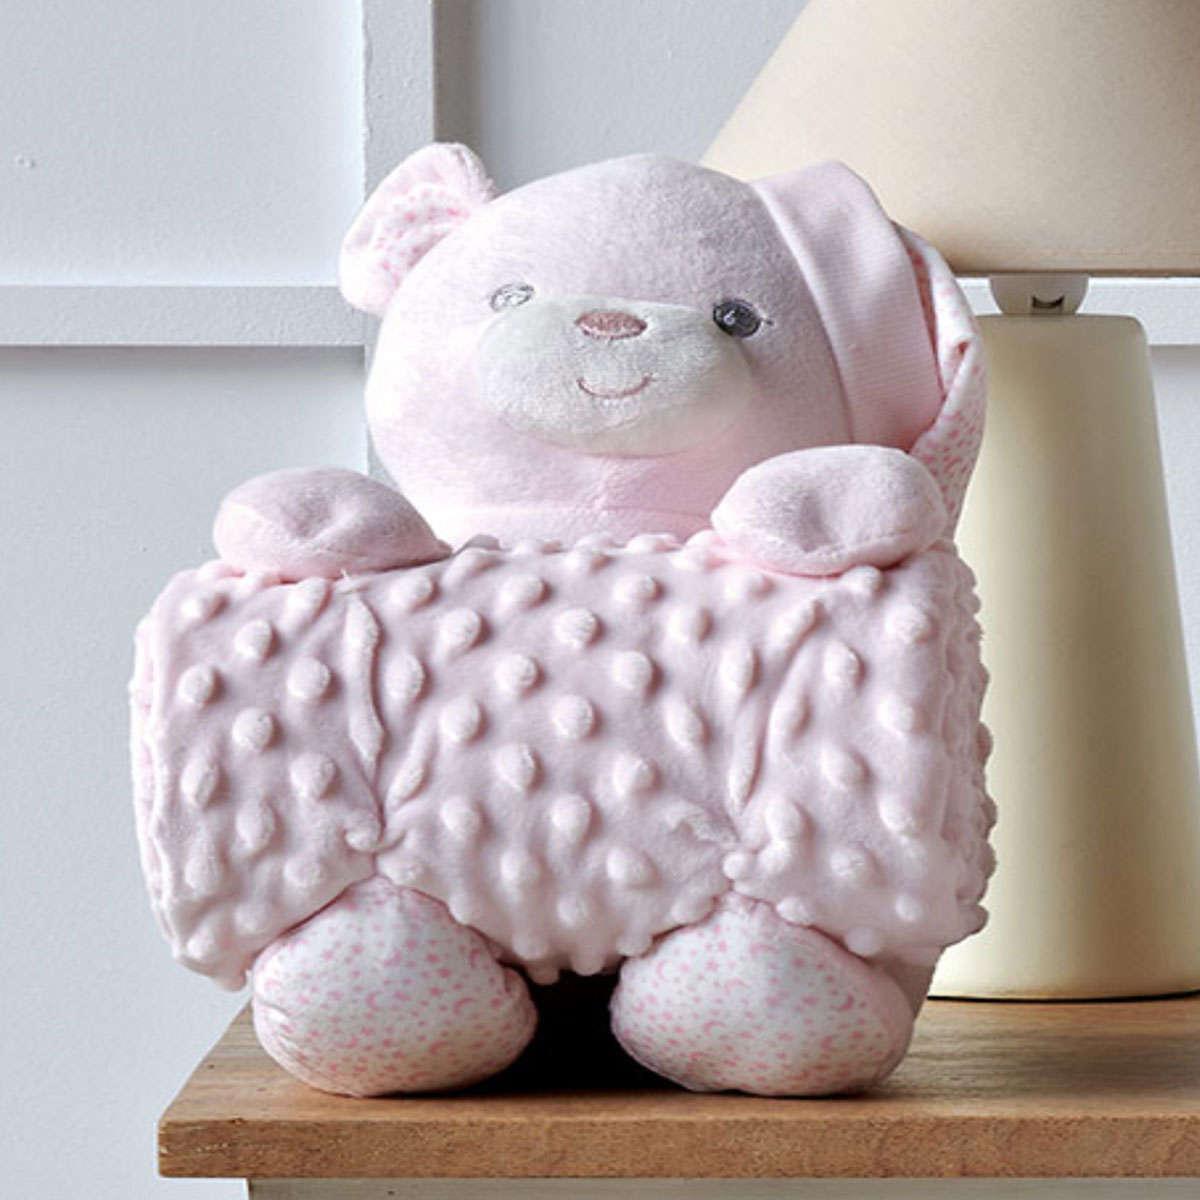 Βρεφική Κουβέρτα Με Παιχνίδι Bear 14 Pink Kentia Αγκαλιάς 75x100cm